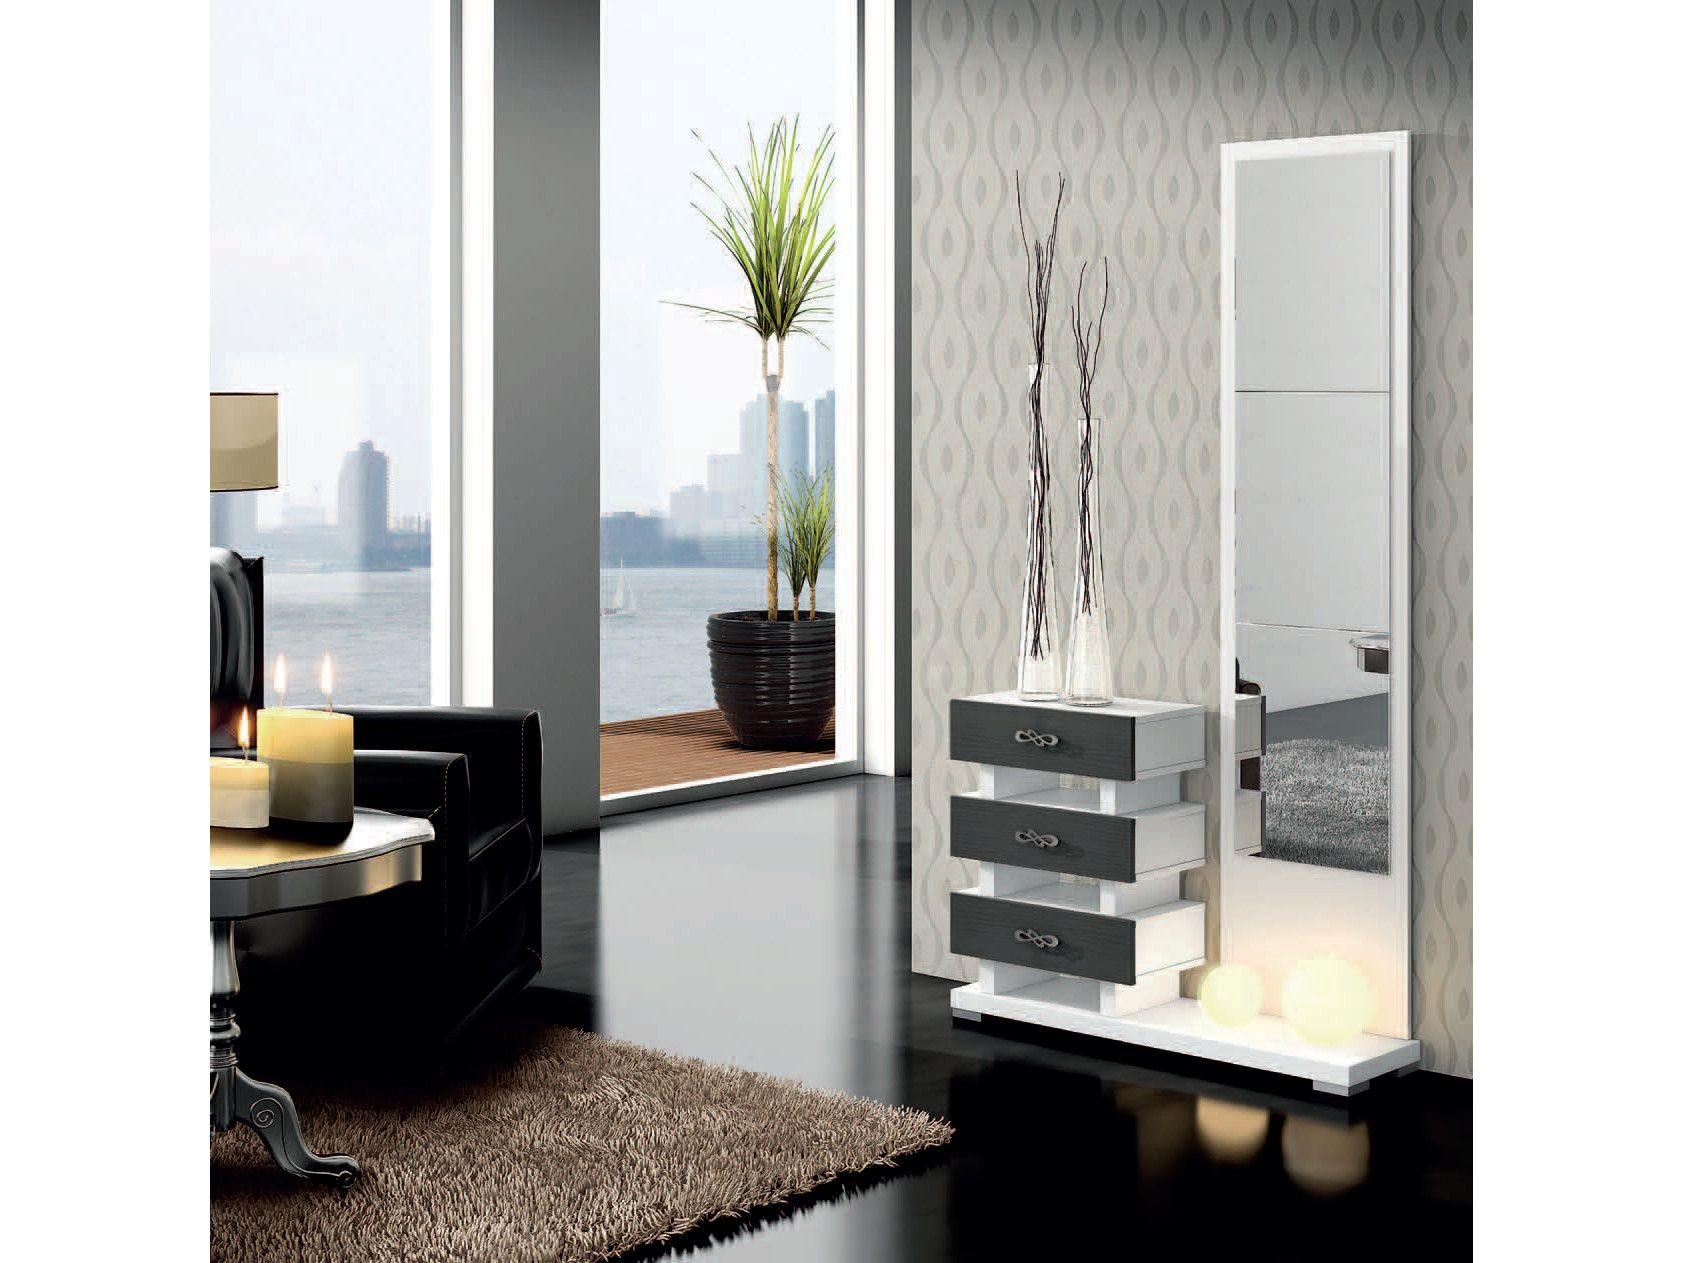 Vestibulos Ikea Buscar Con Google Ideas Espacios Pinterest  # Muebles Recibidor Ikea